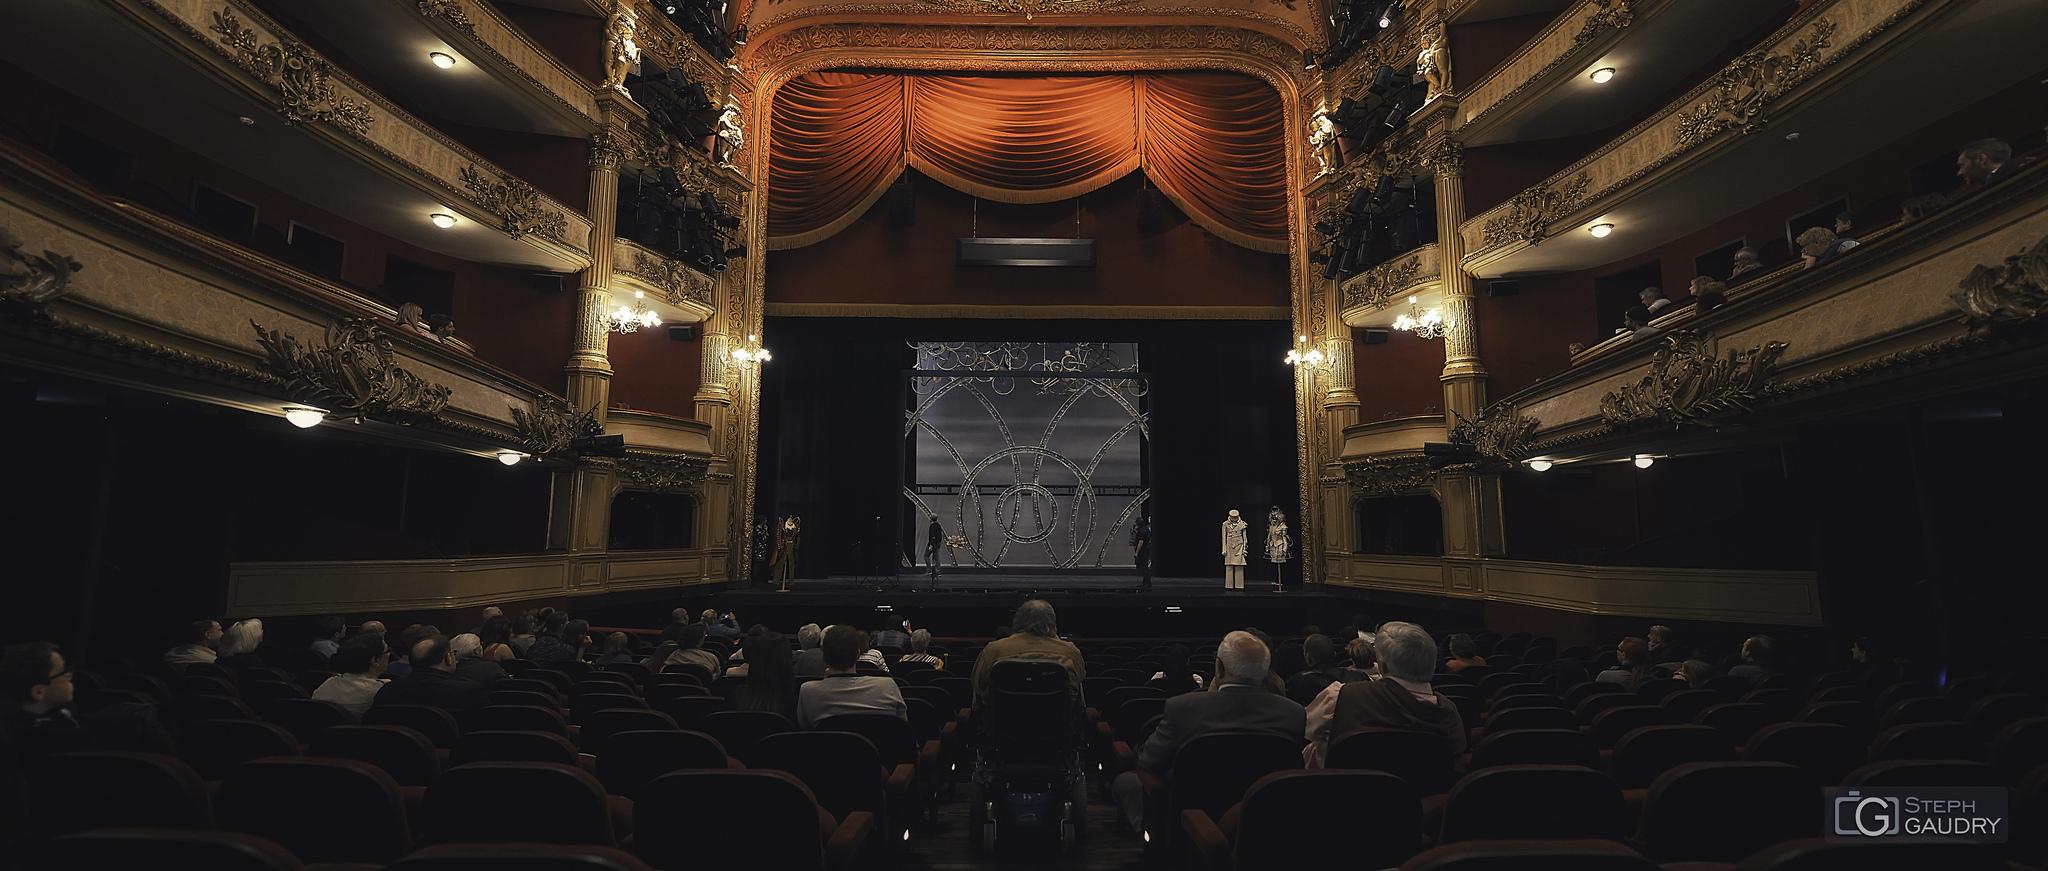 Opéra de Liège - Fleur de Peau [Cliquez pour lancer le diaporama]